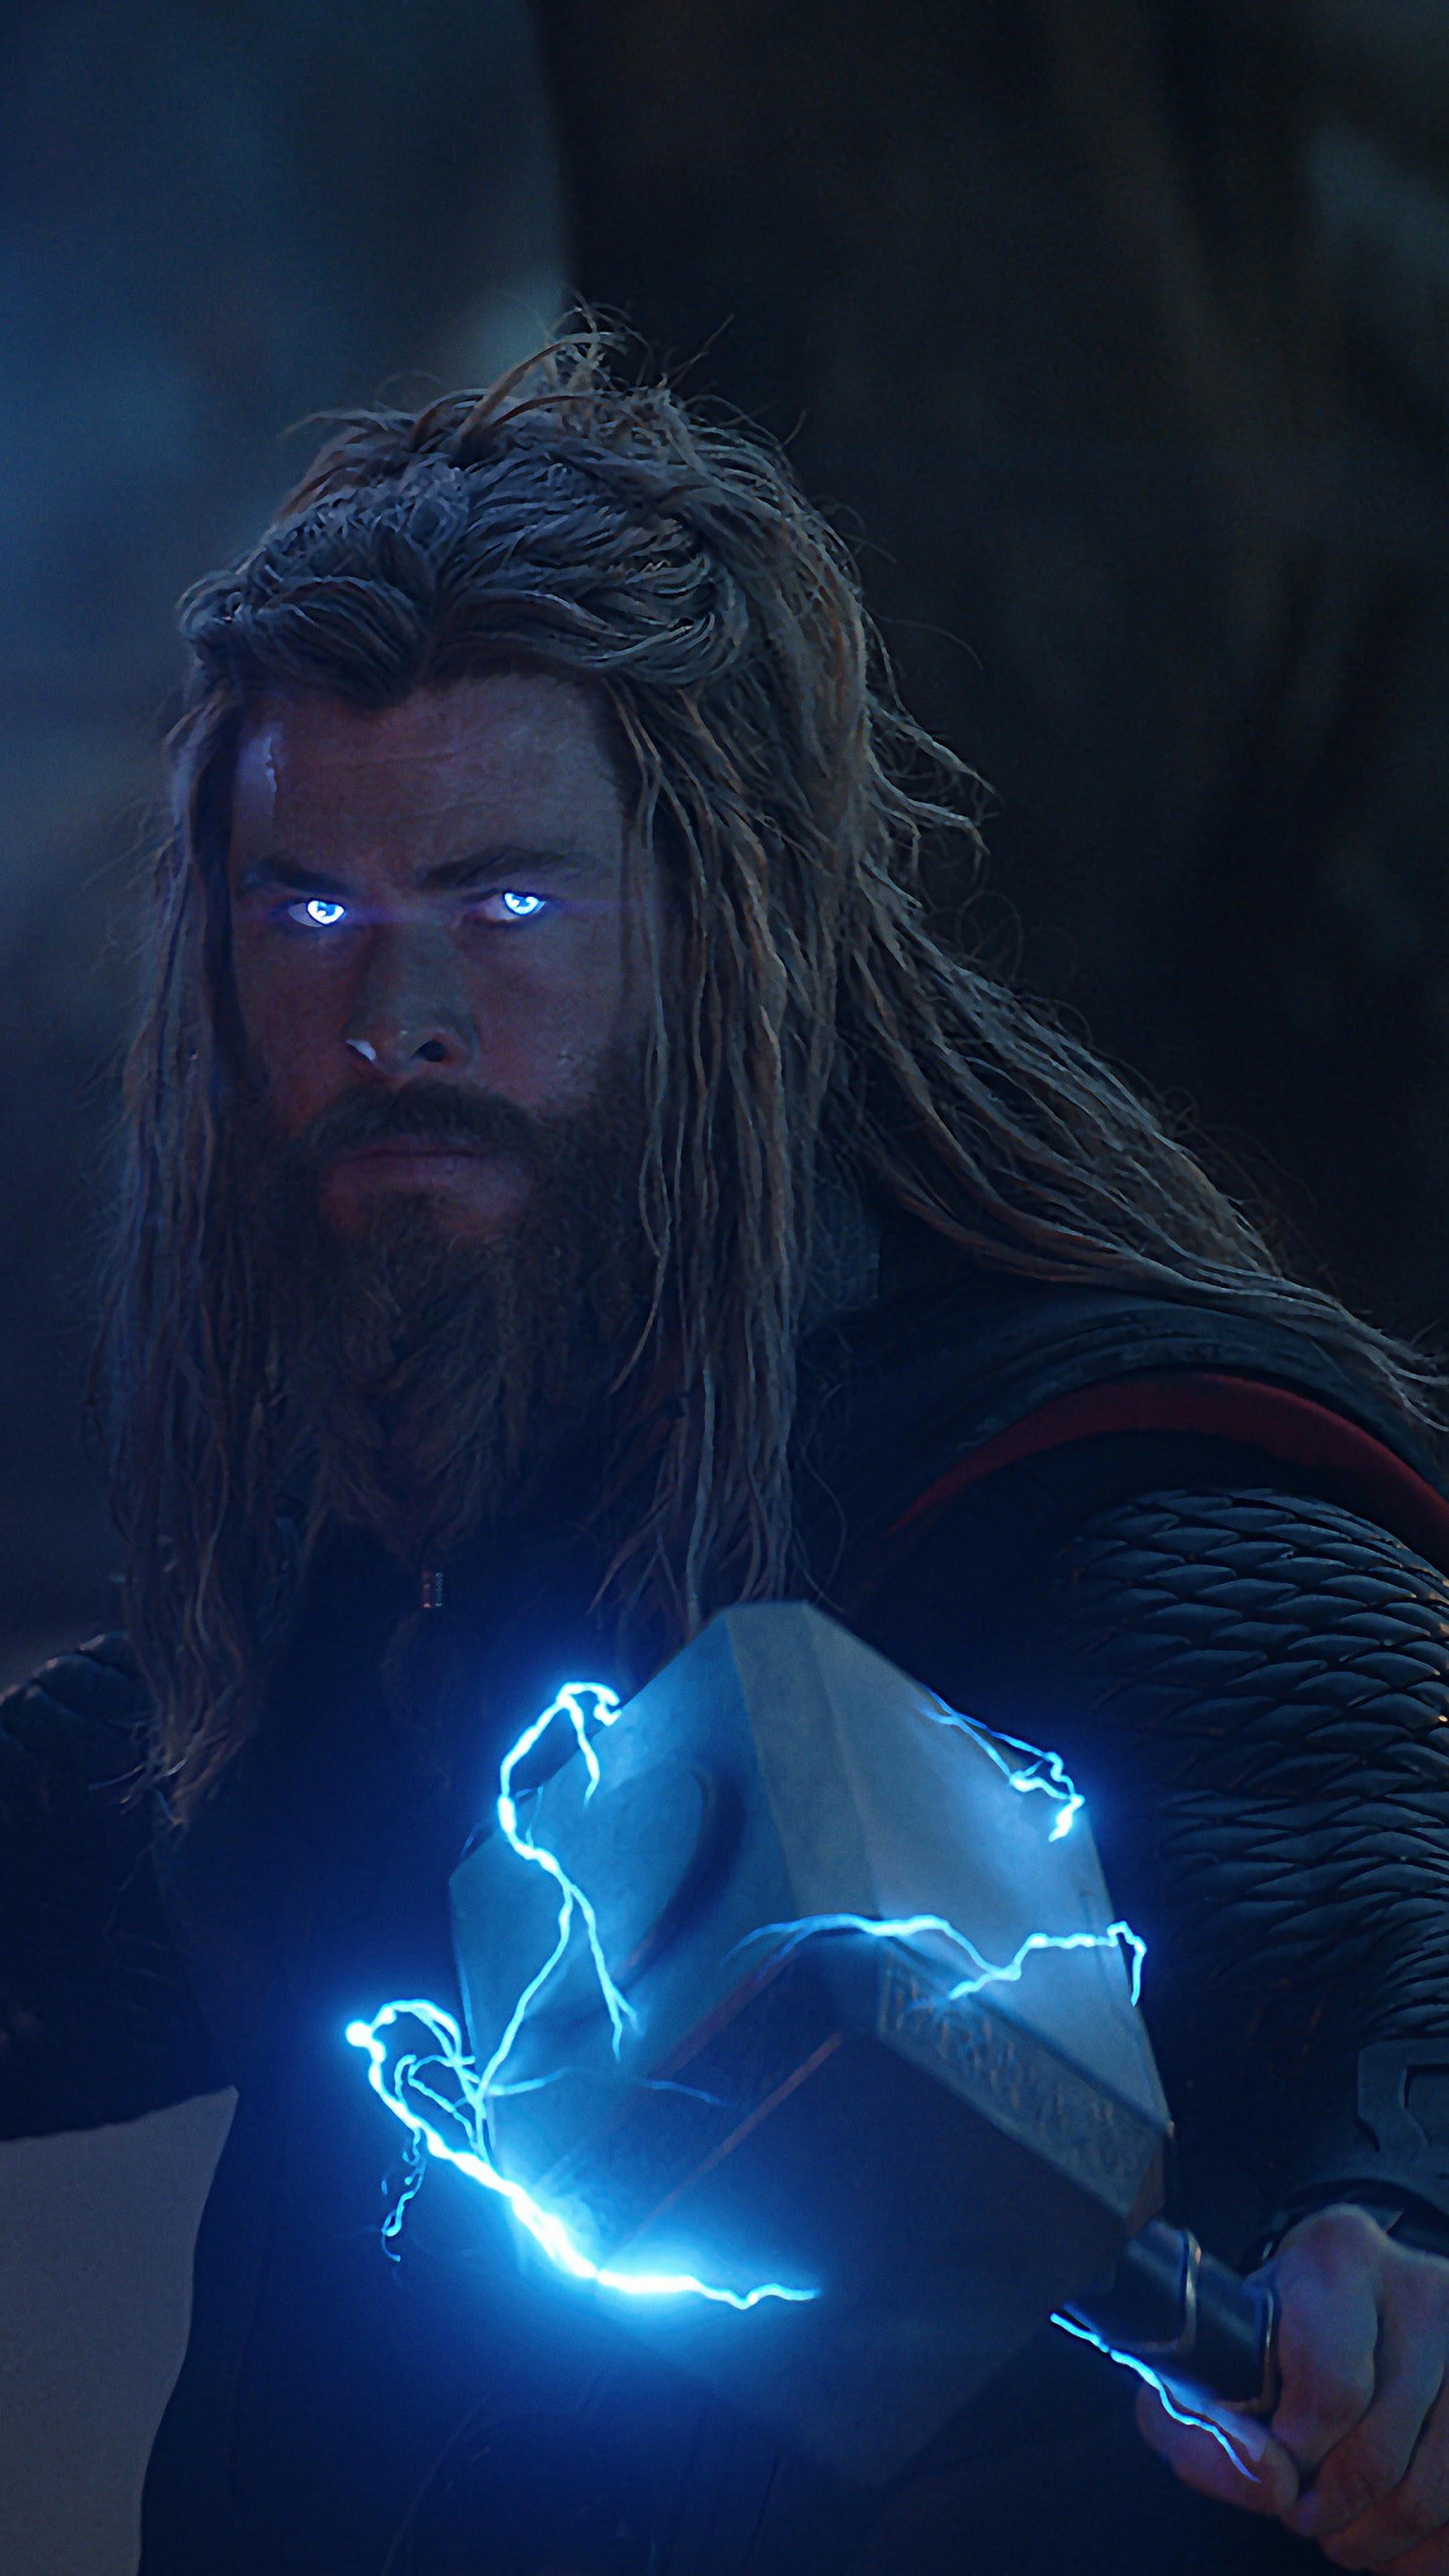 Avengers Endgame Thor Stormbreaker Mjolnir Lightning 8k